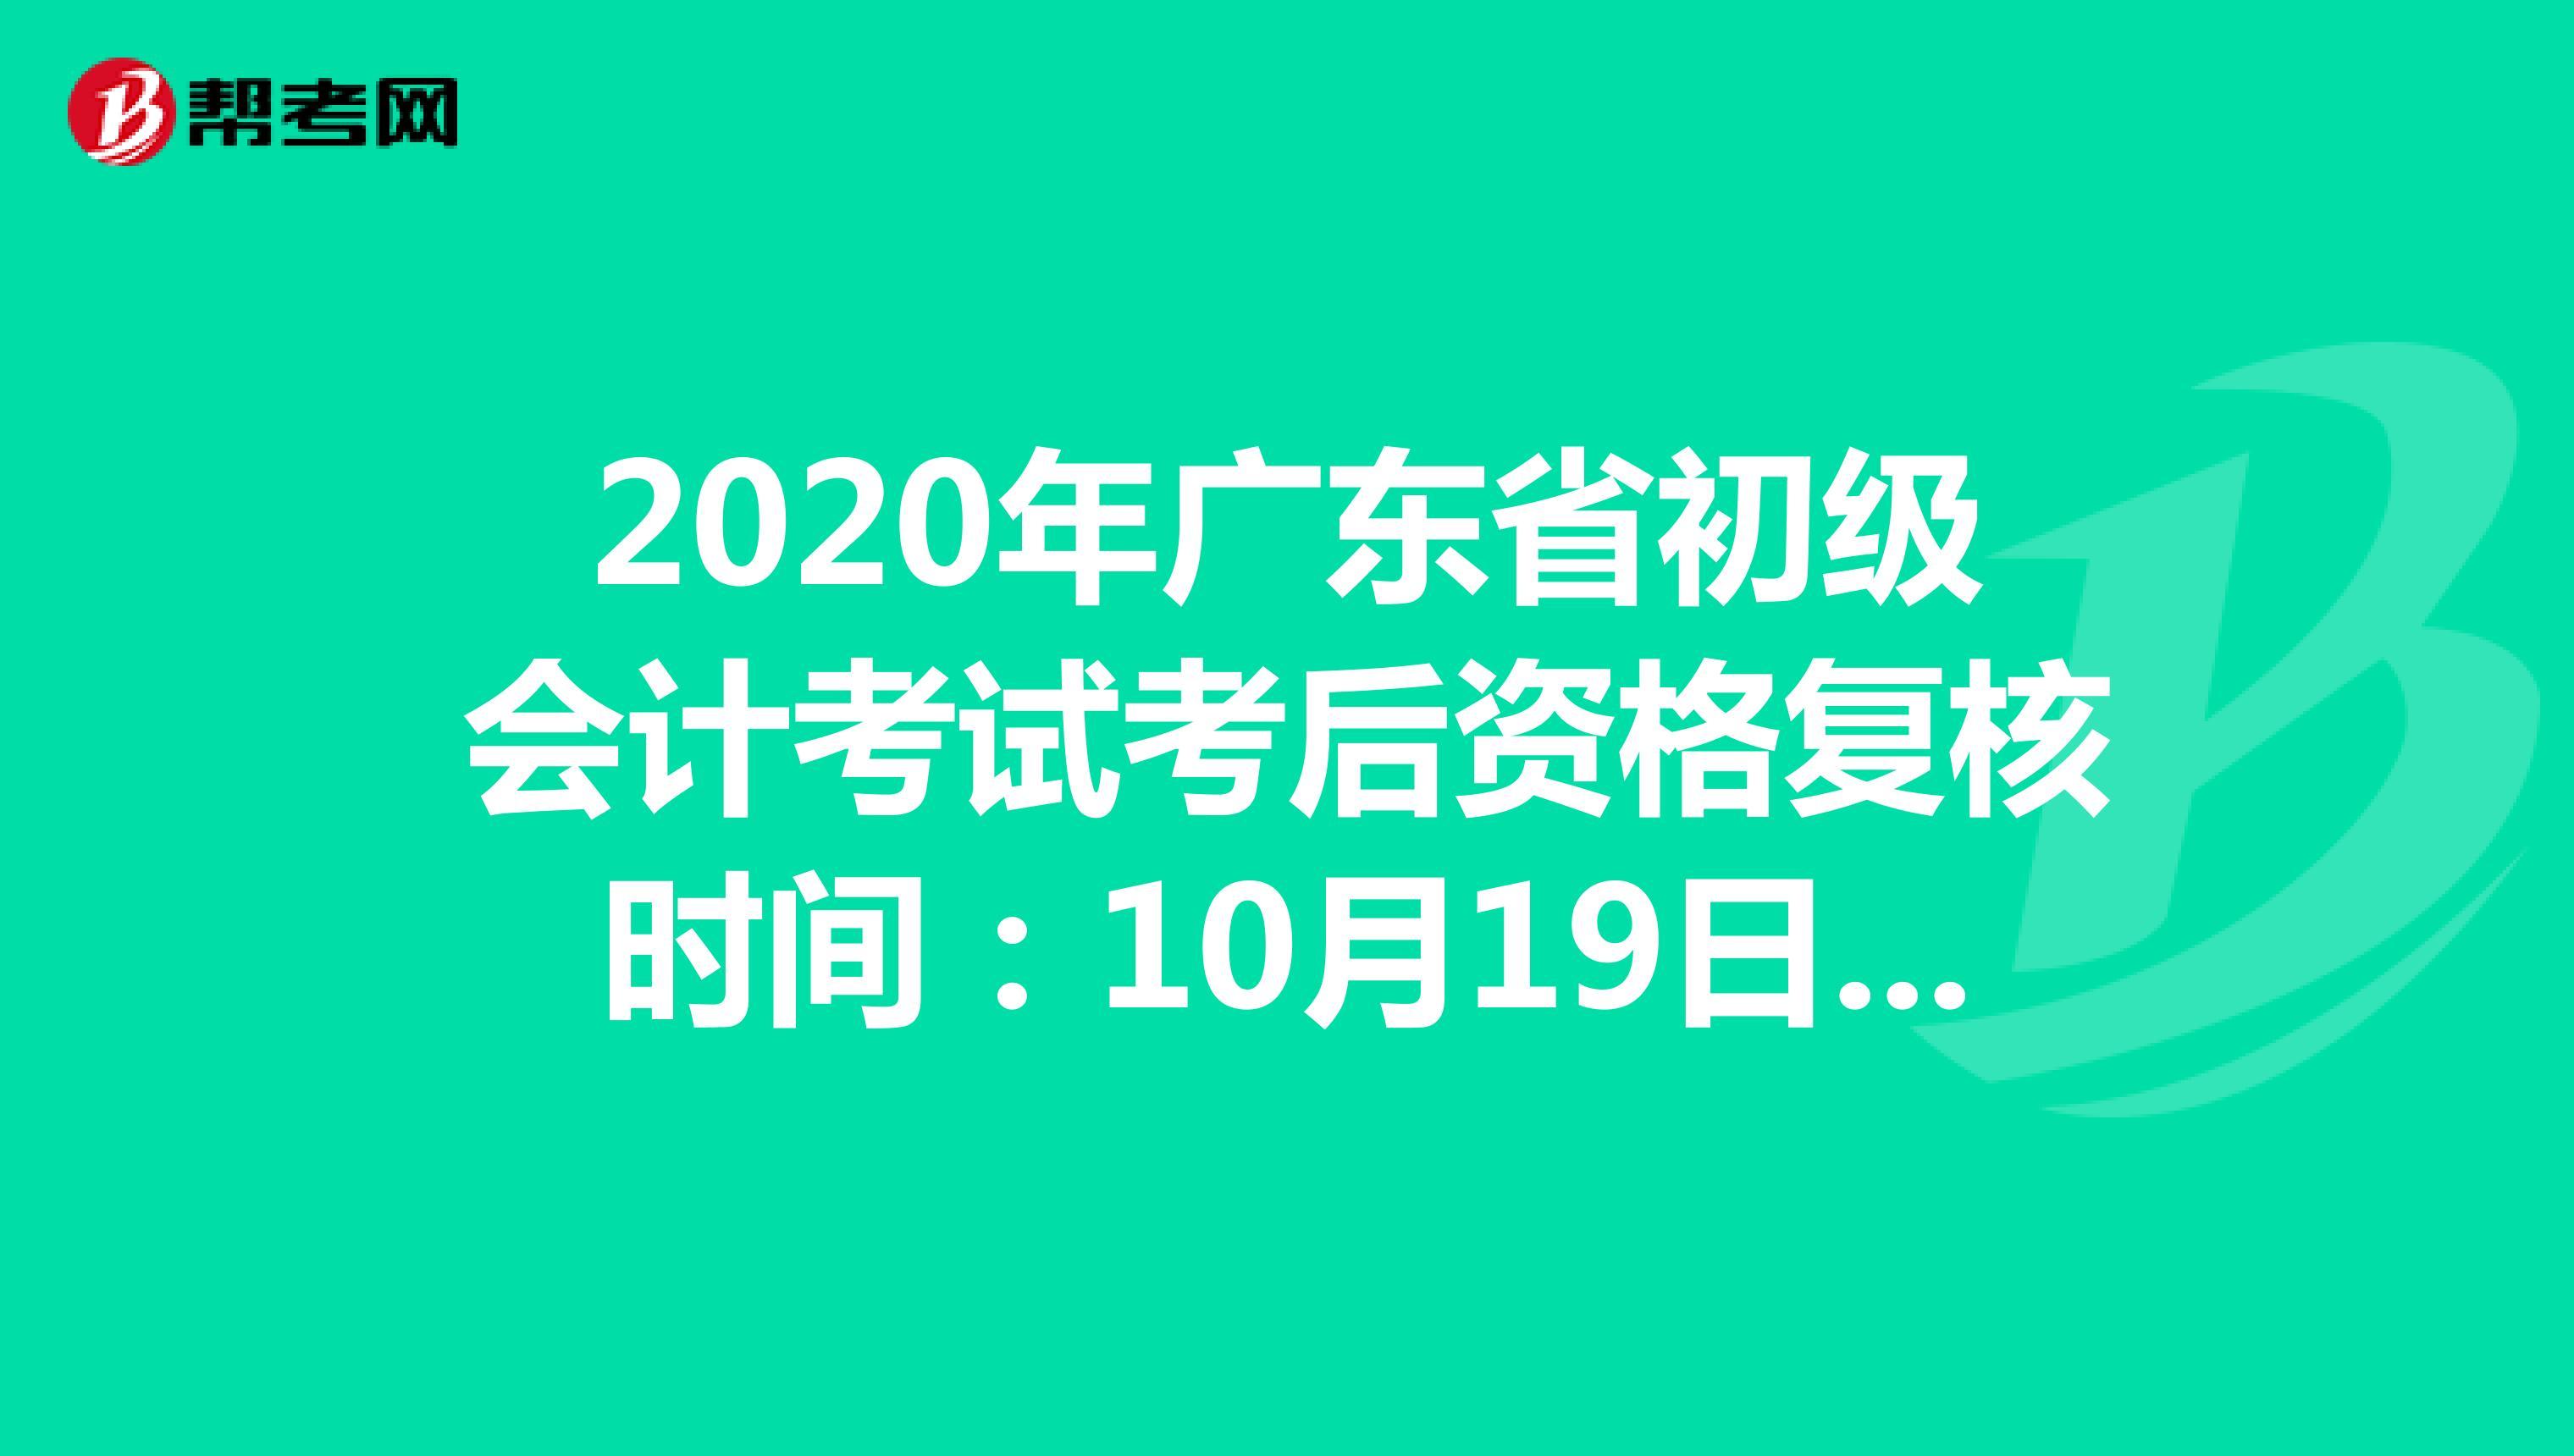 2020年广东省初级会计考试考后资格复核时间:10月19日开始